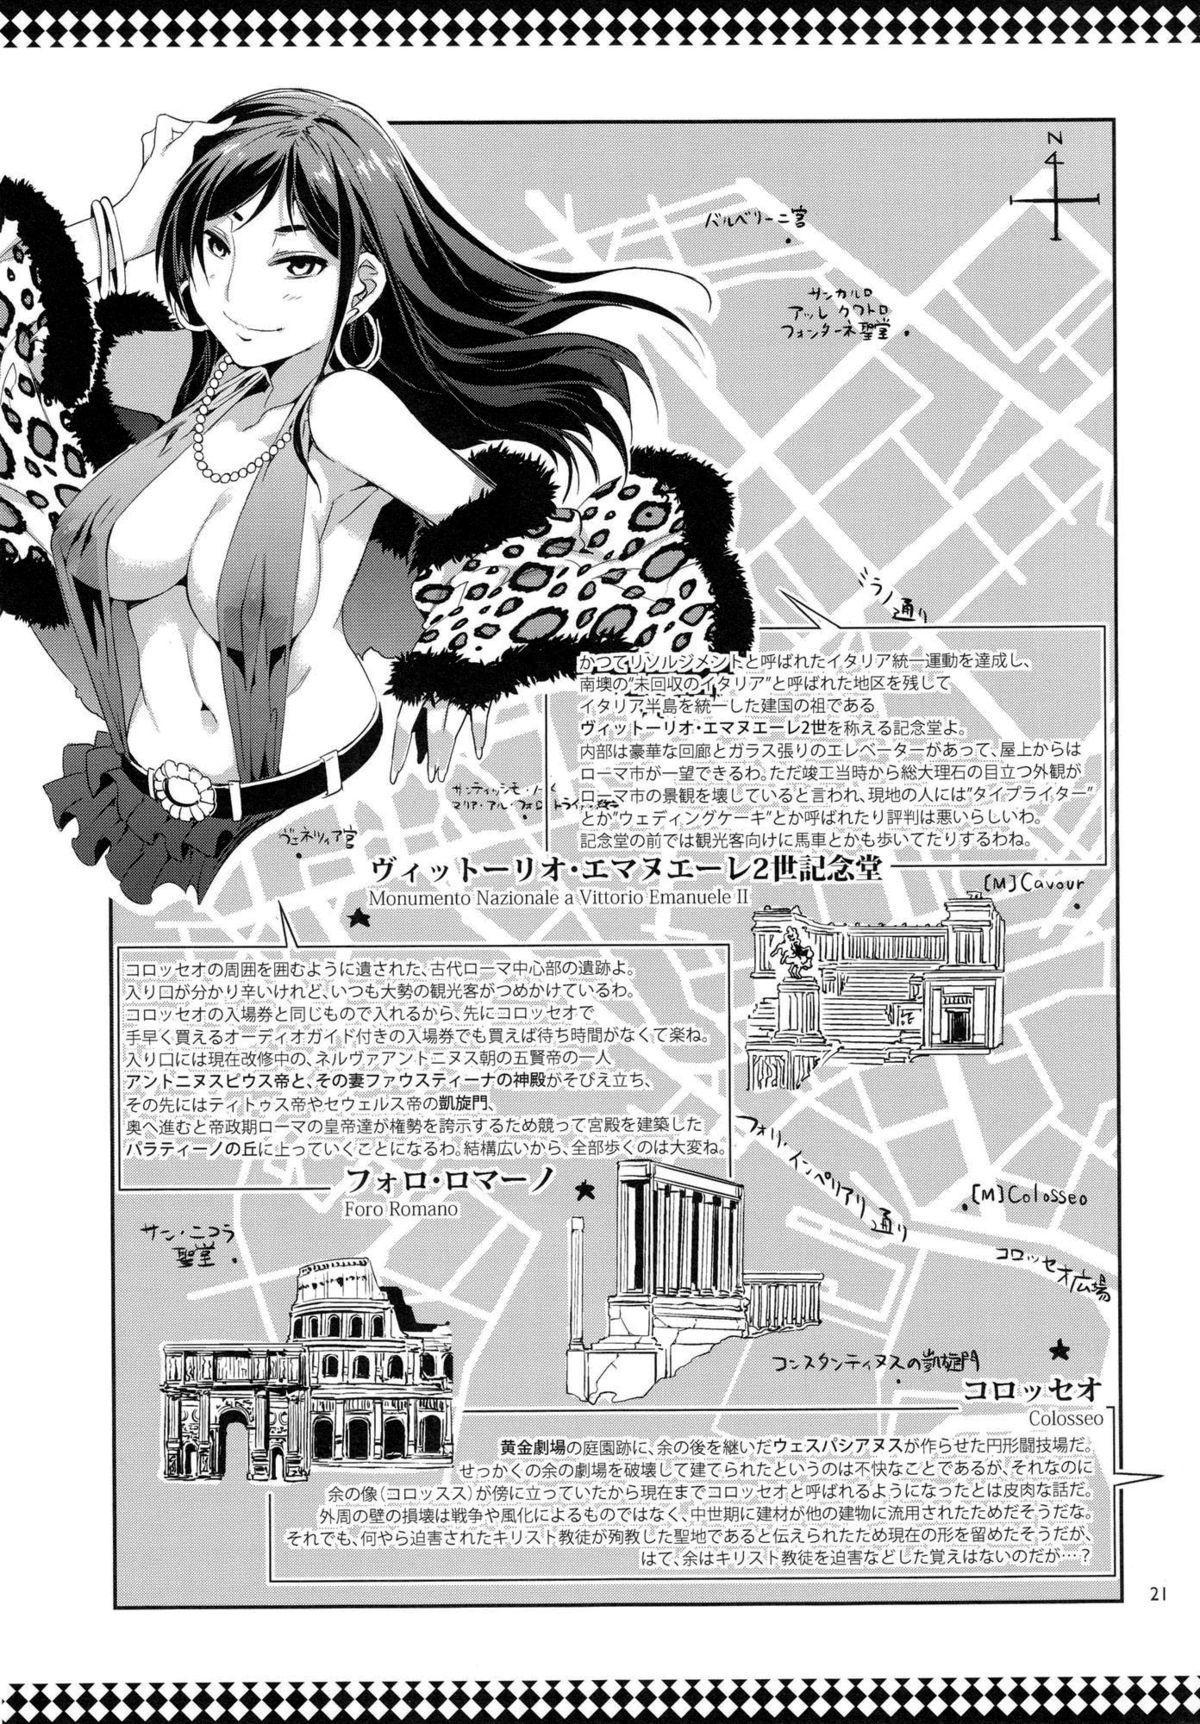 (C81) [Alice no Takarabako (Mizuryu Kei)] Maria-sama ga Miteru Baishun 5 - Fare L'amore (Maria-sama ga Miteru) [English] {doujin-moe.us} 20